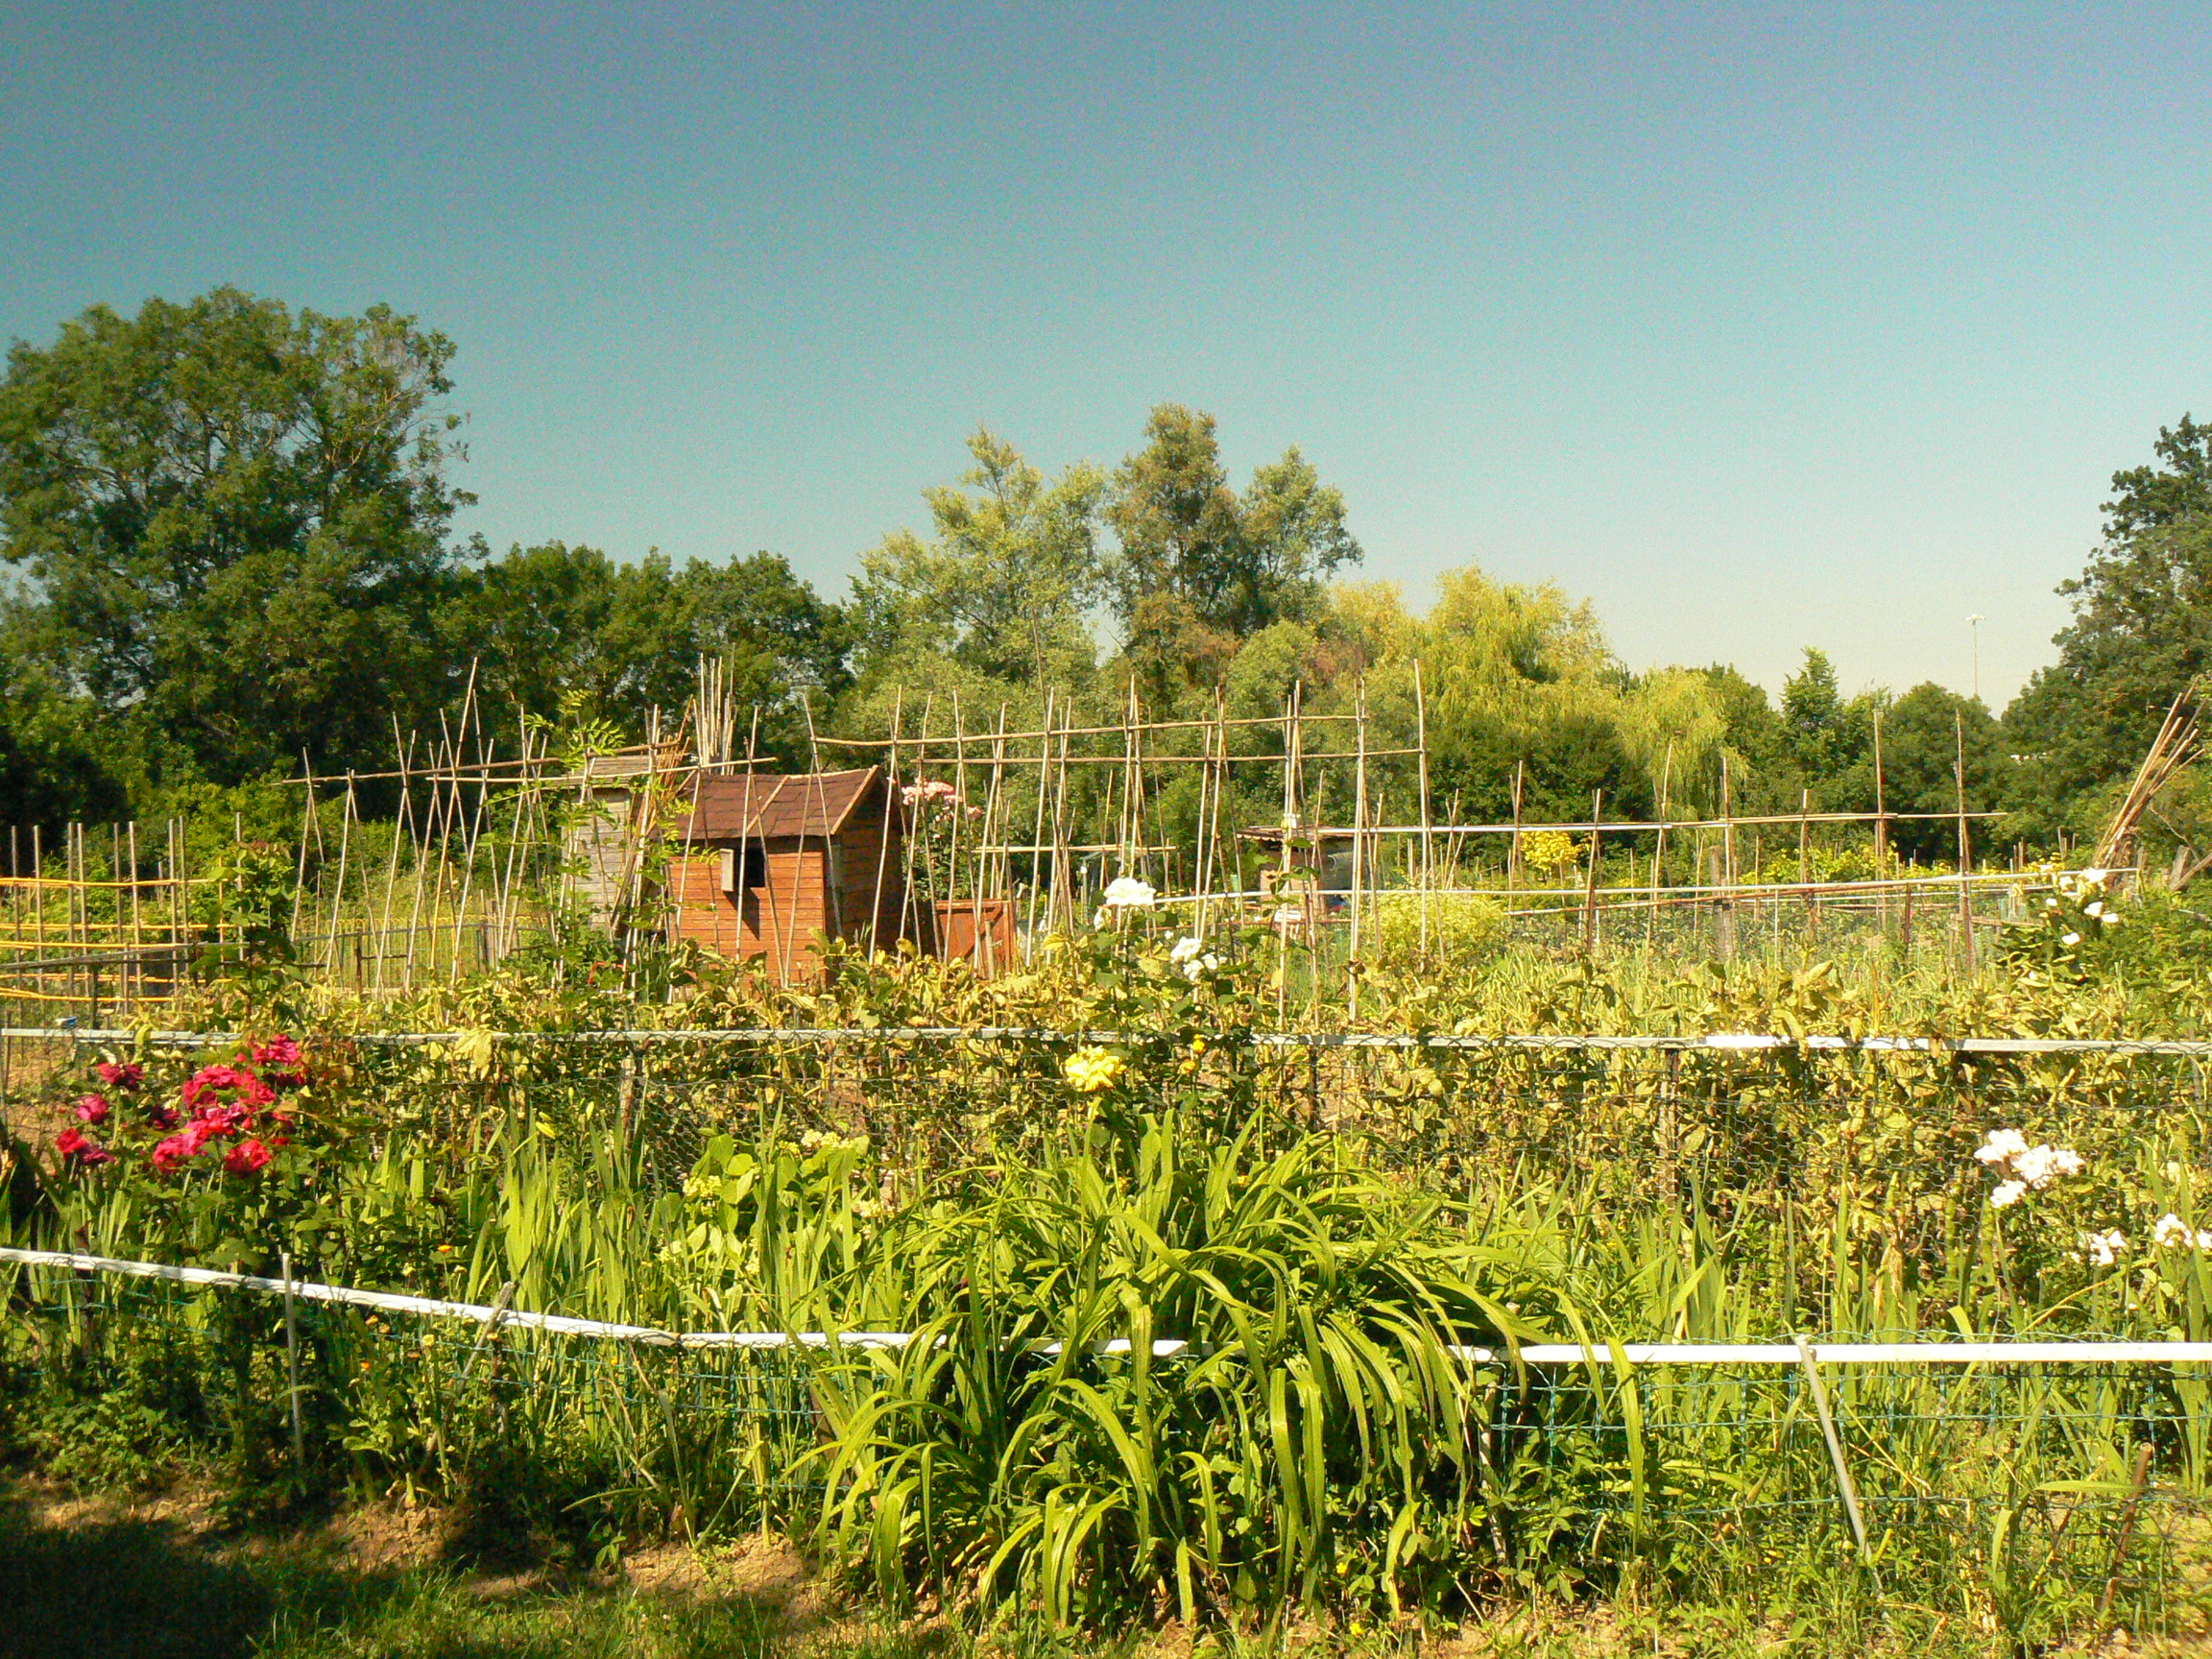 Jardins familiaux : accès en période de confinement